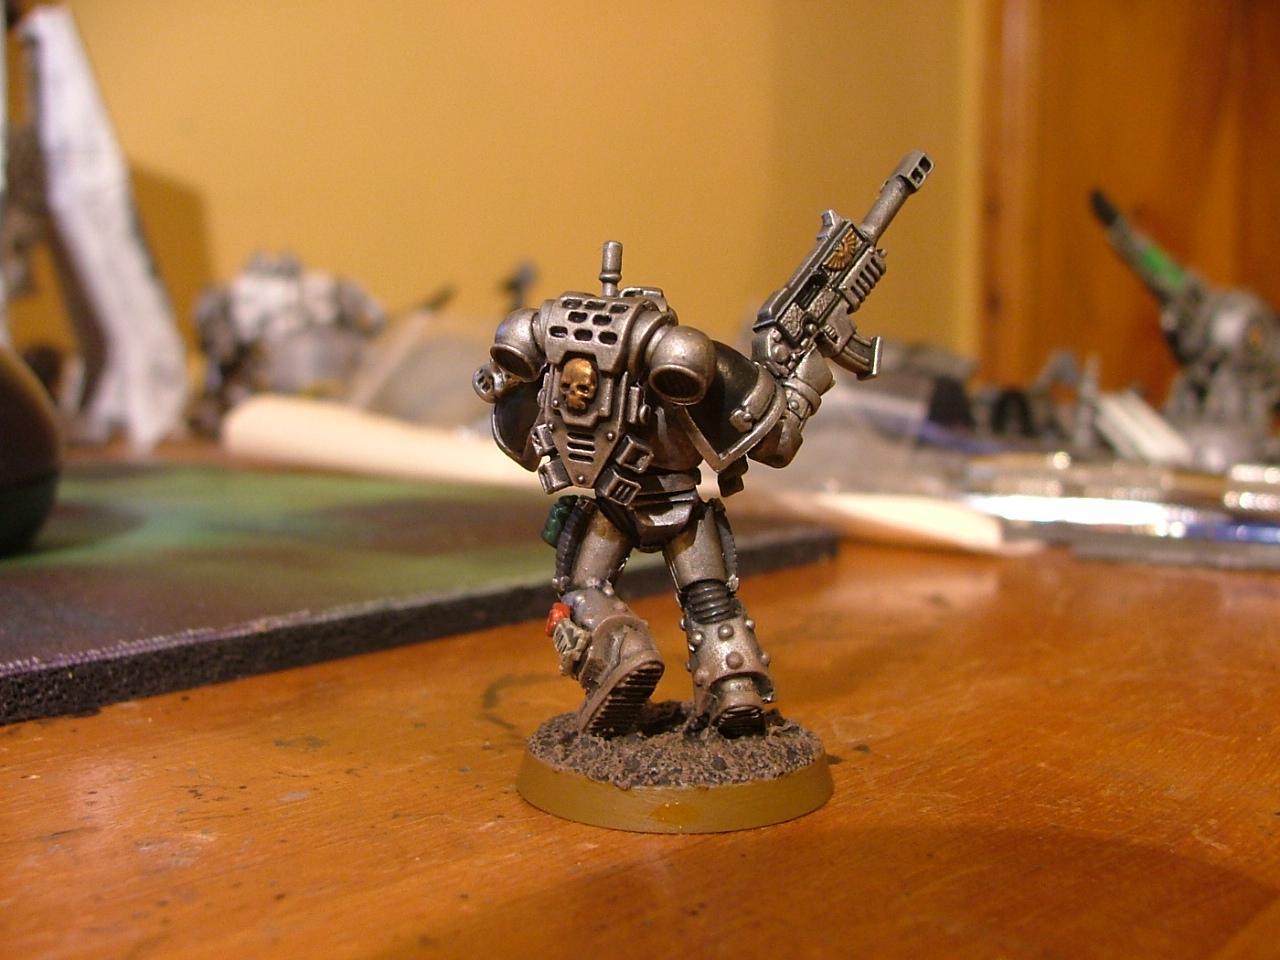 Conversion, Silver Skull, Silver Skulls, Space Marines, Warhammer 40,000